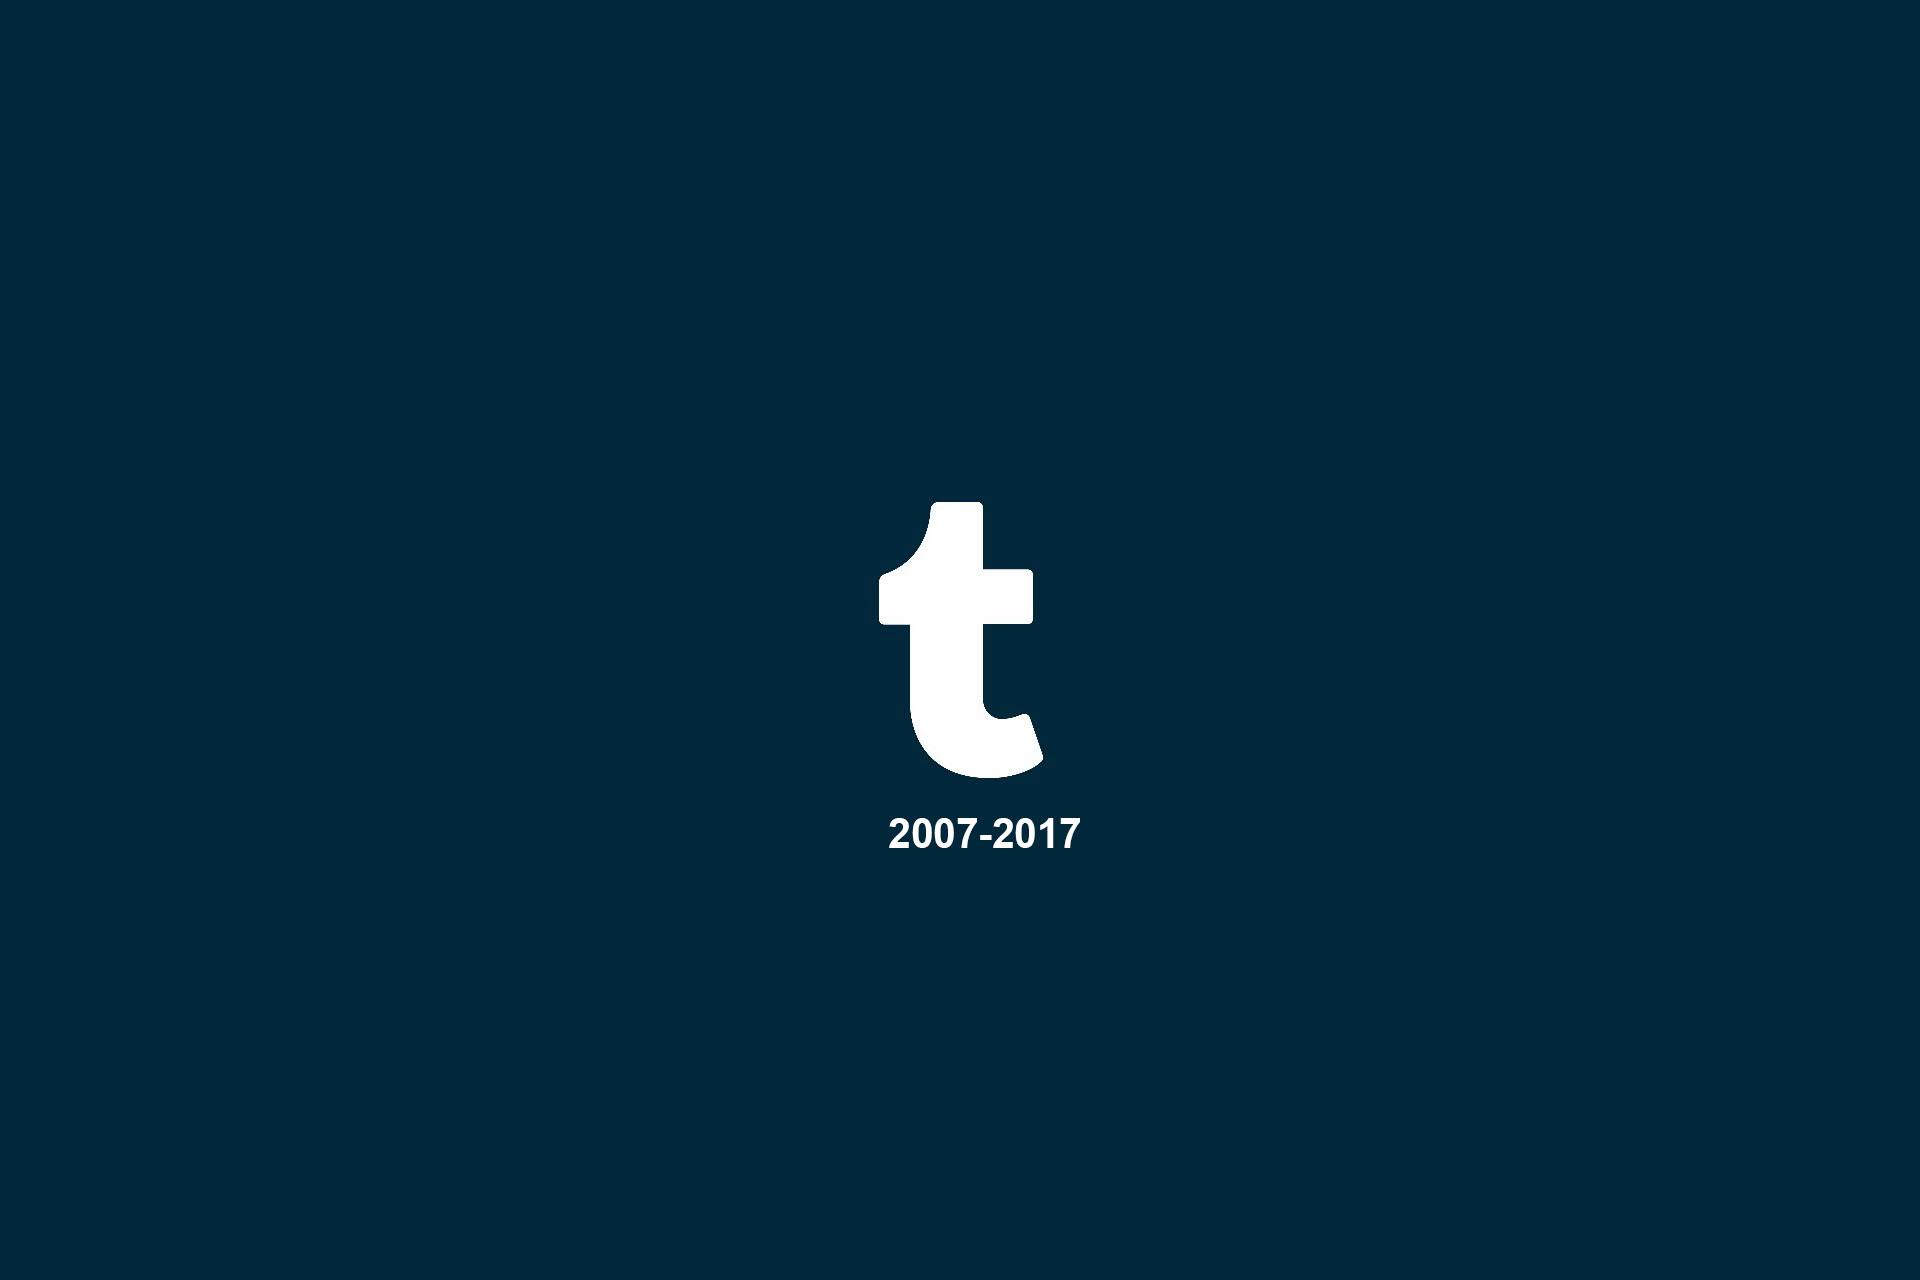 David Karp deja su creación después de 10 años | Tumblr